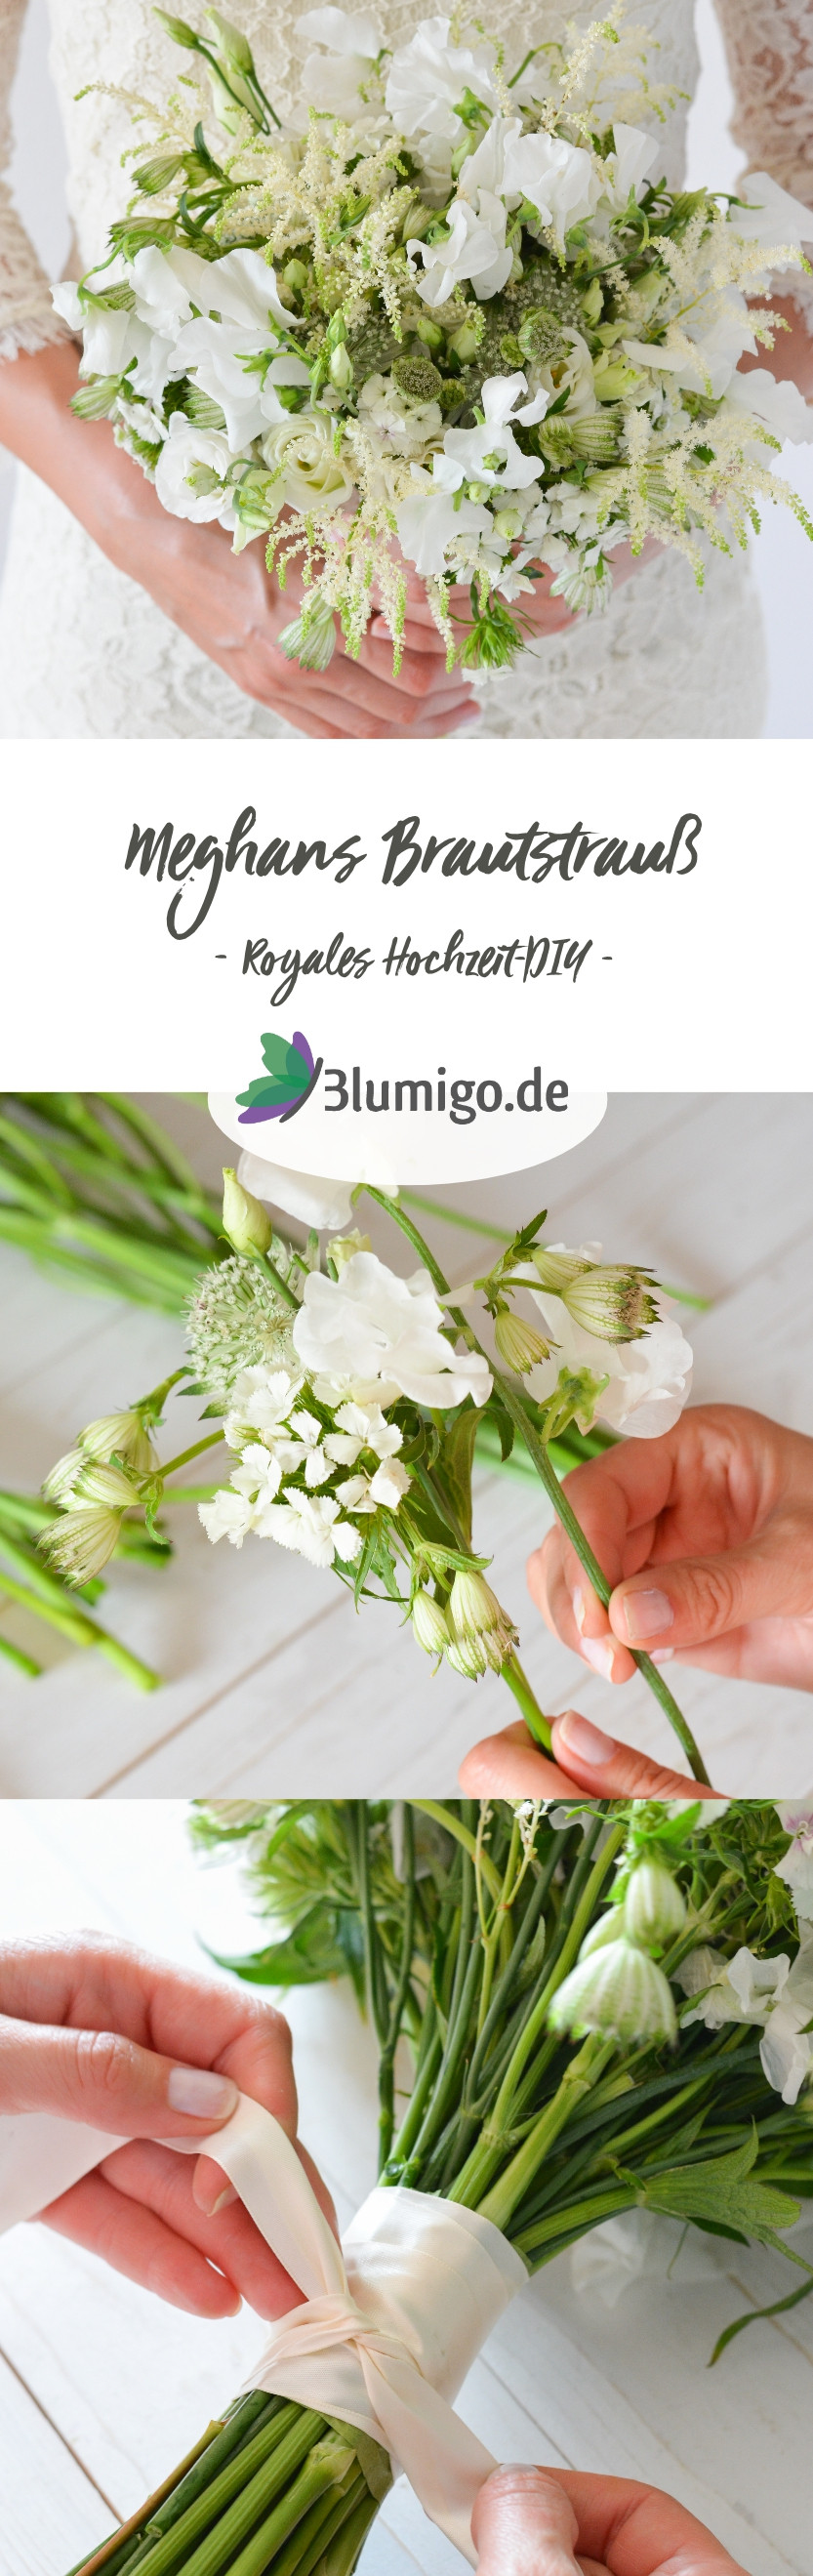 Brautstrauß Selber Binden  Meghans Brautstrauß selber binden – Royales Hochzeits DIY